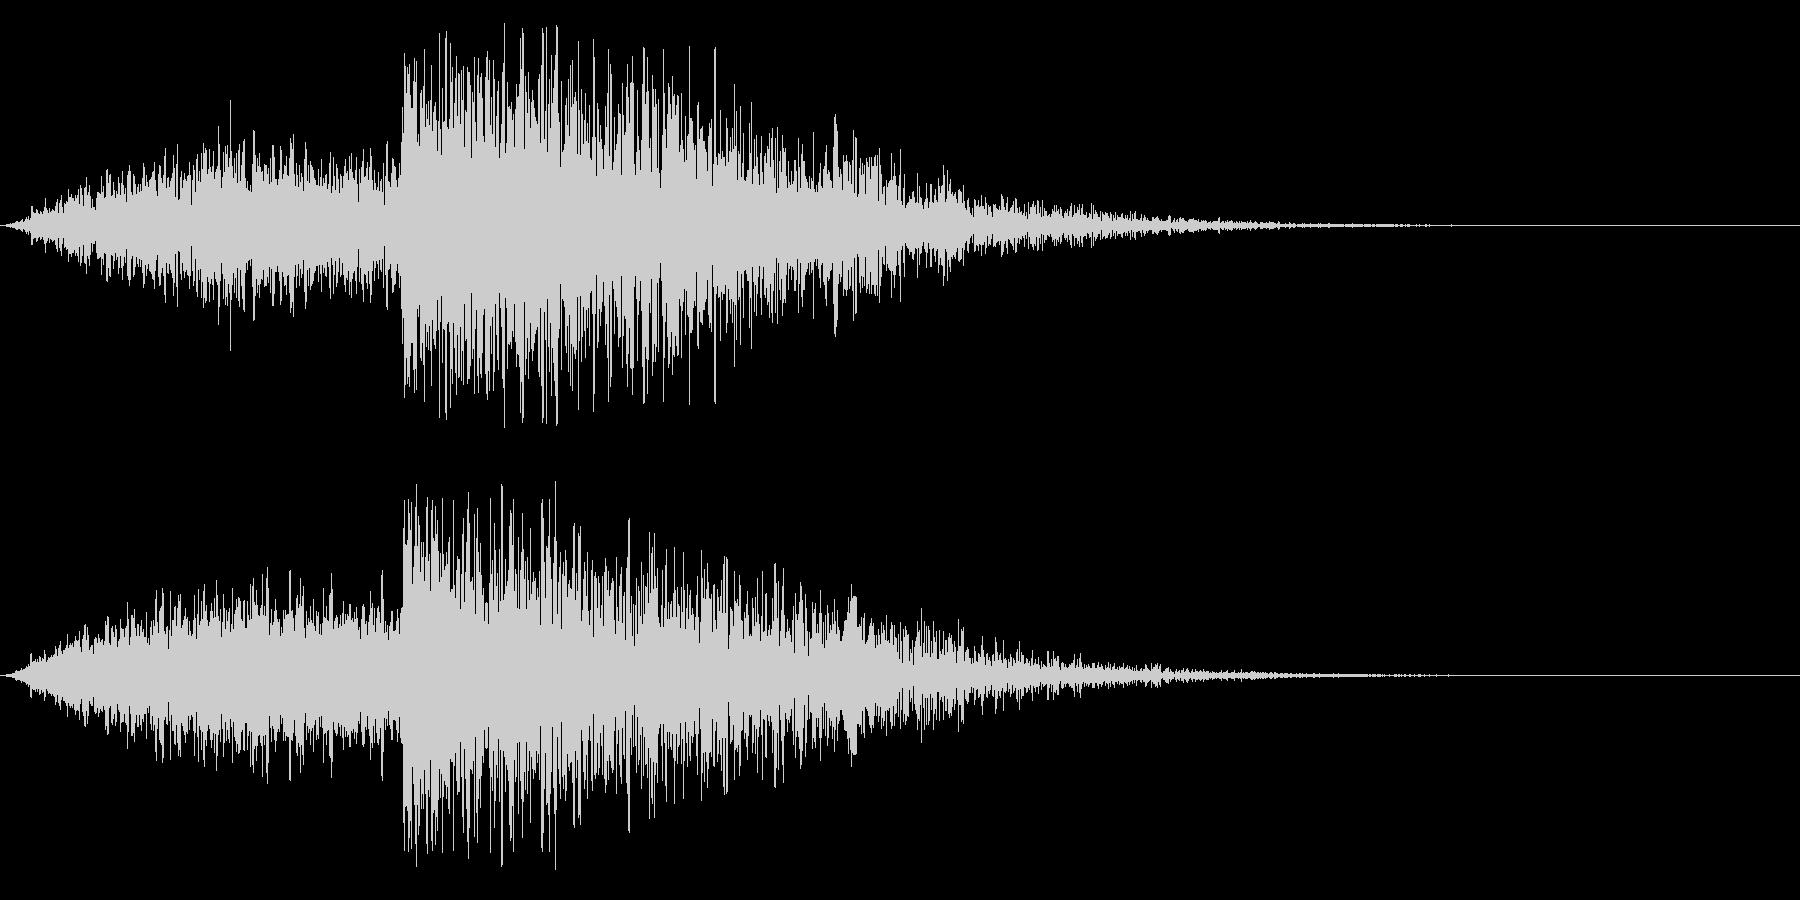 効果音 爆破 攻撃の未再生の波形